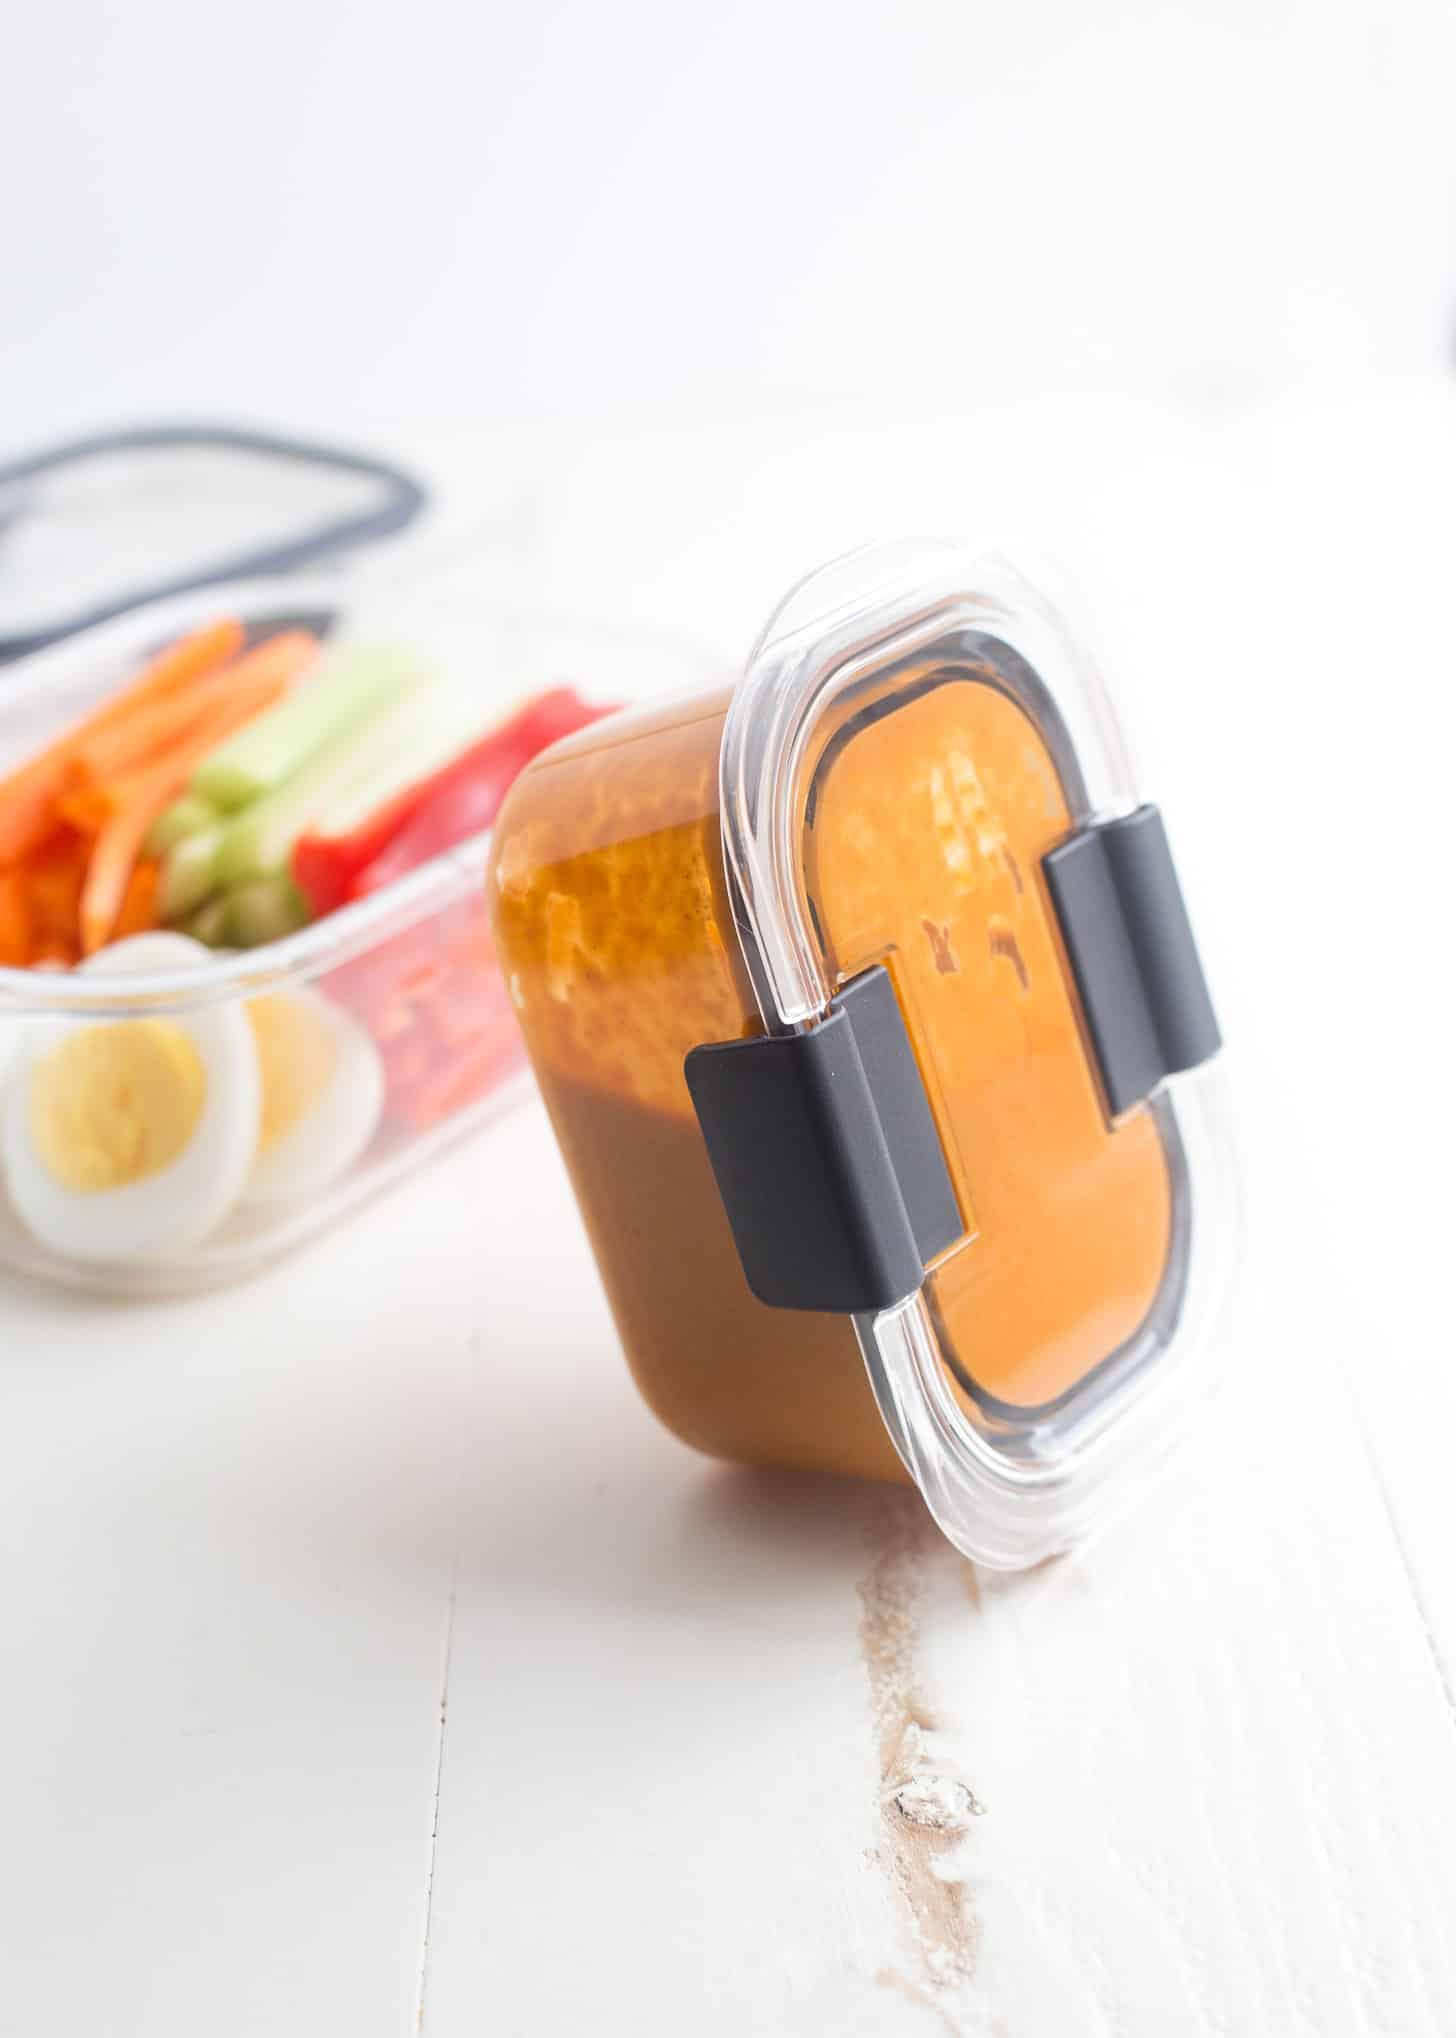 Thai peanut sauce in a plastic container